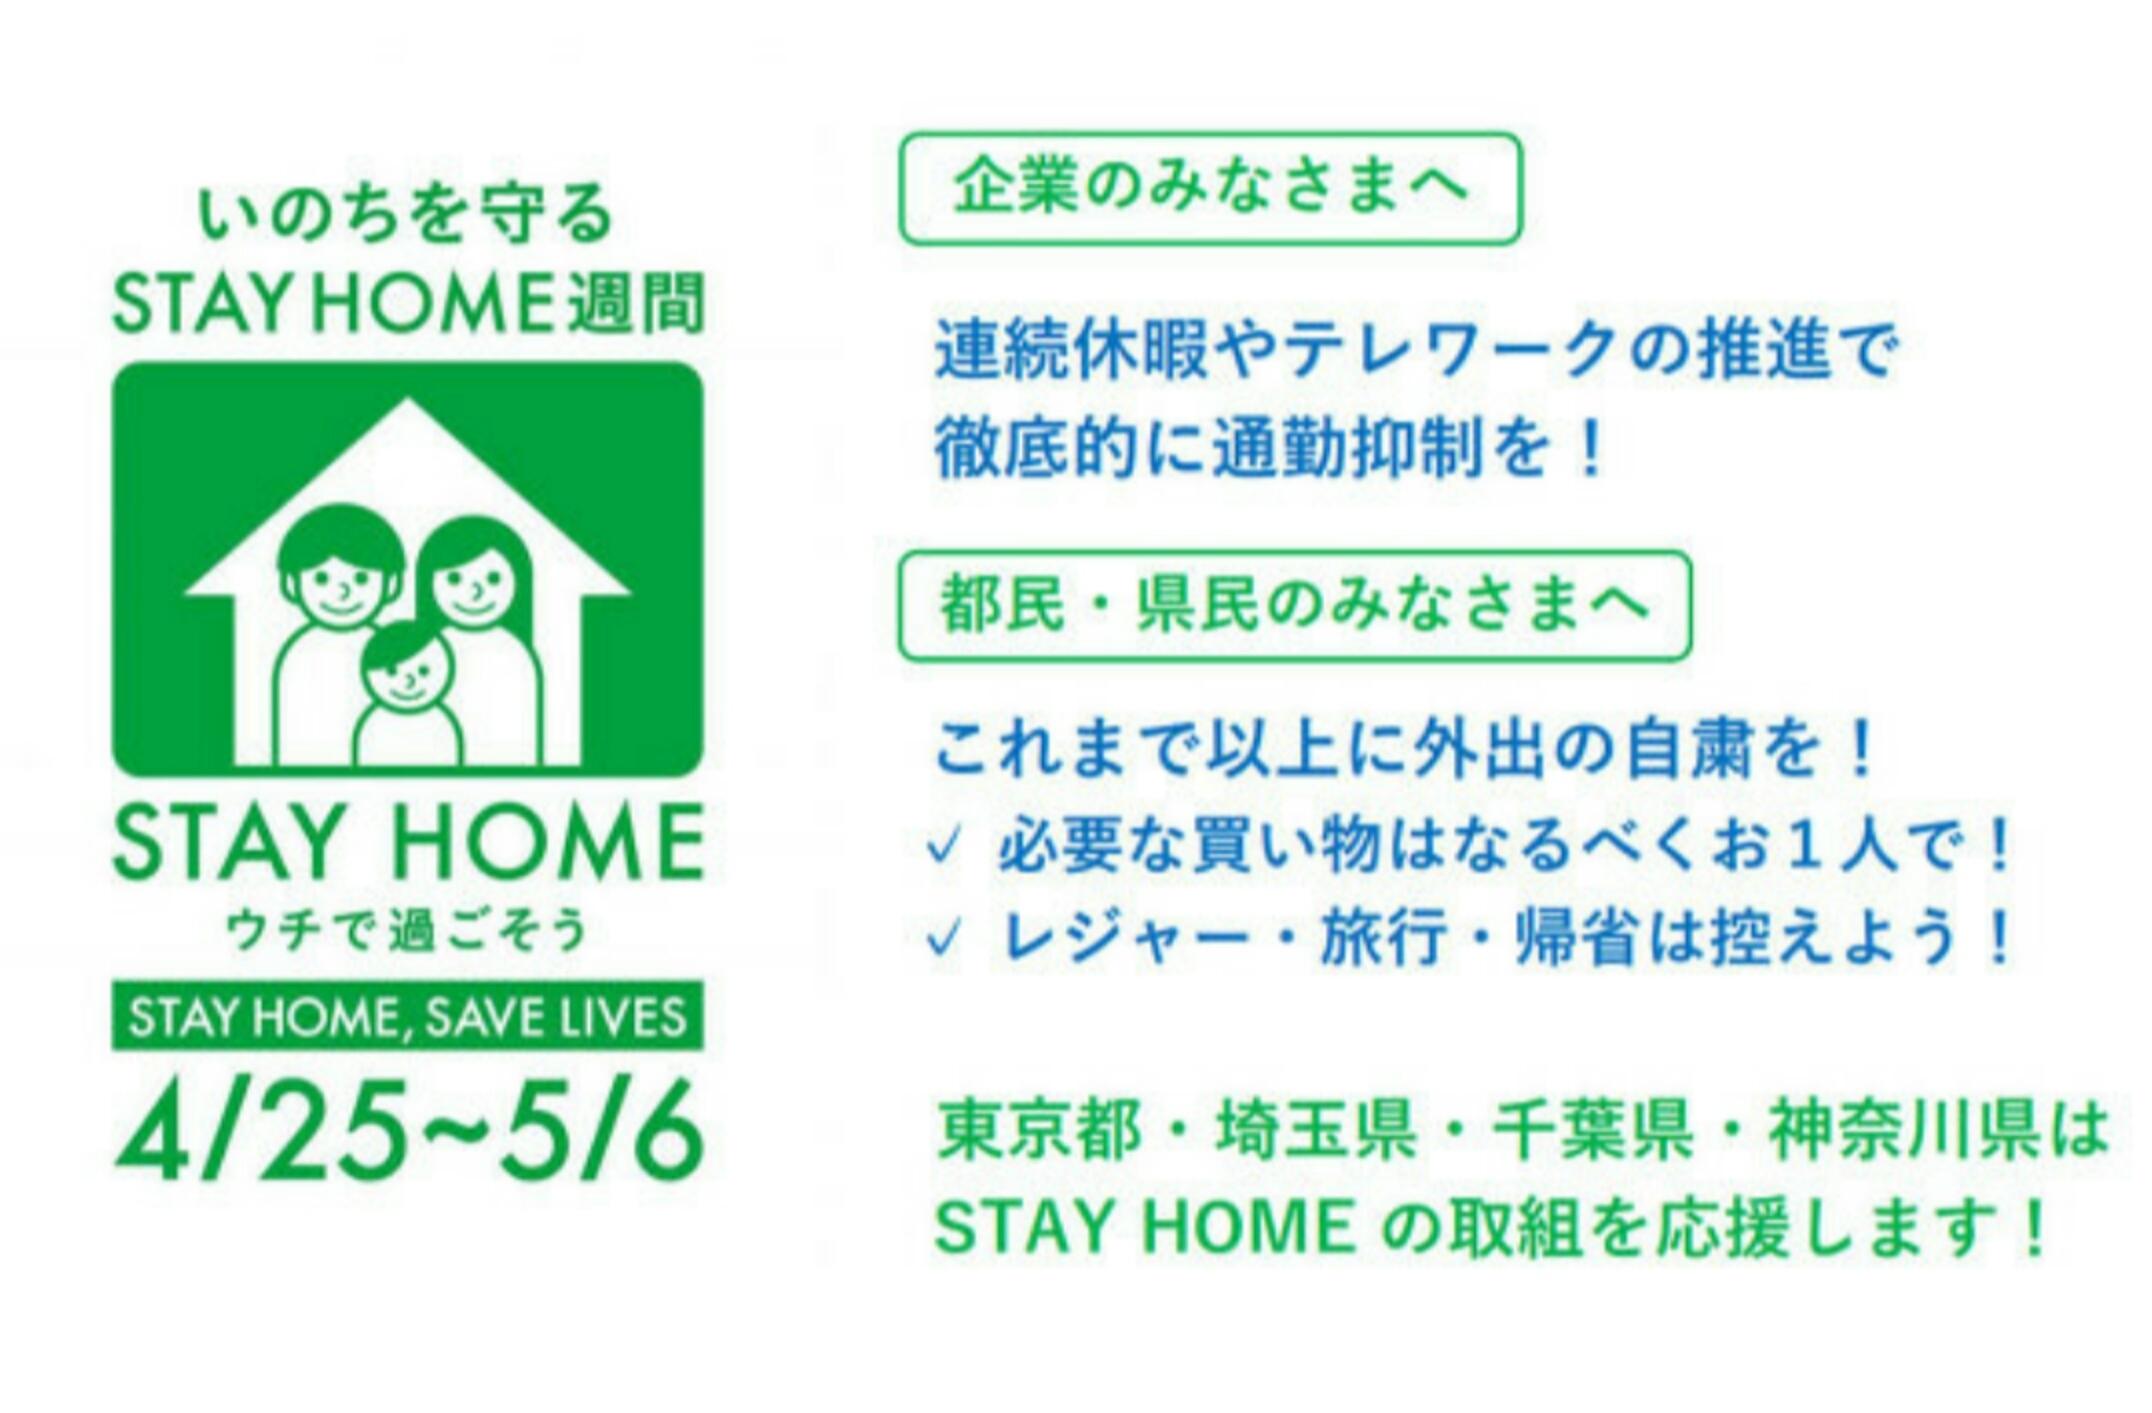 4/25~5/6 いのちを守るSTAY HOME週間_b0042308_11461442.jpg